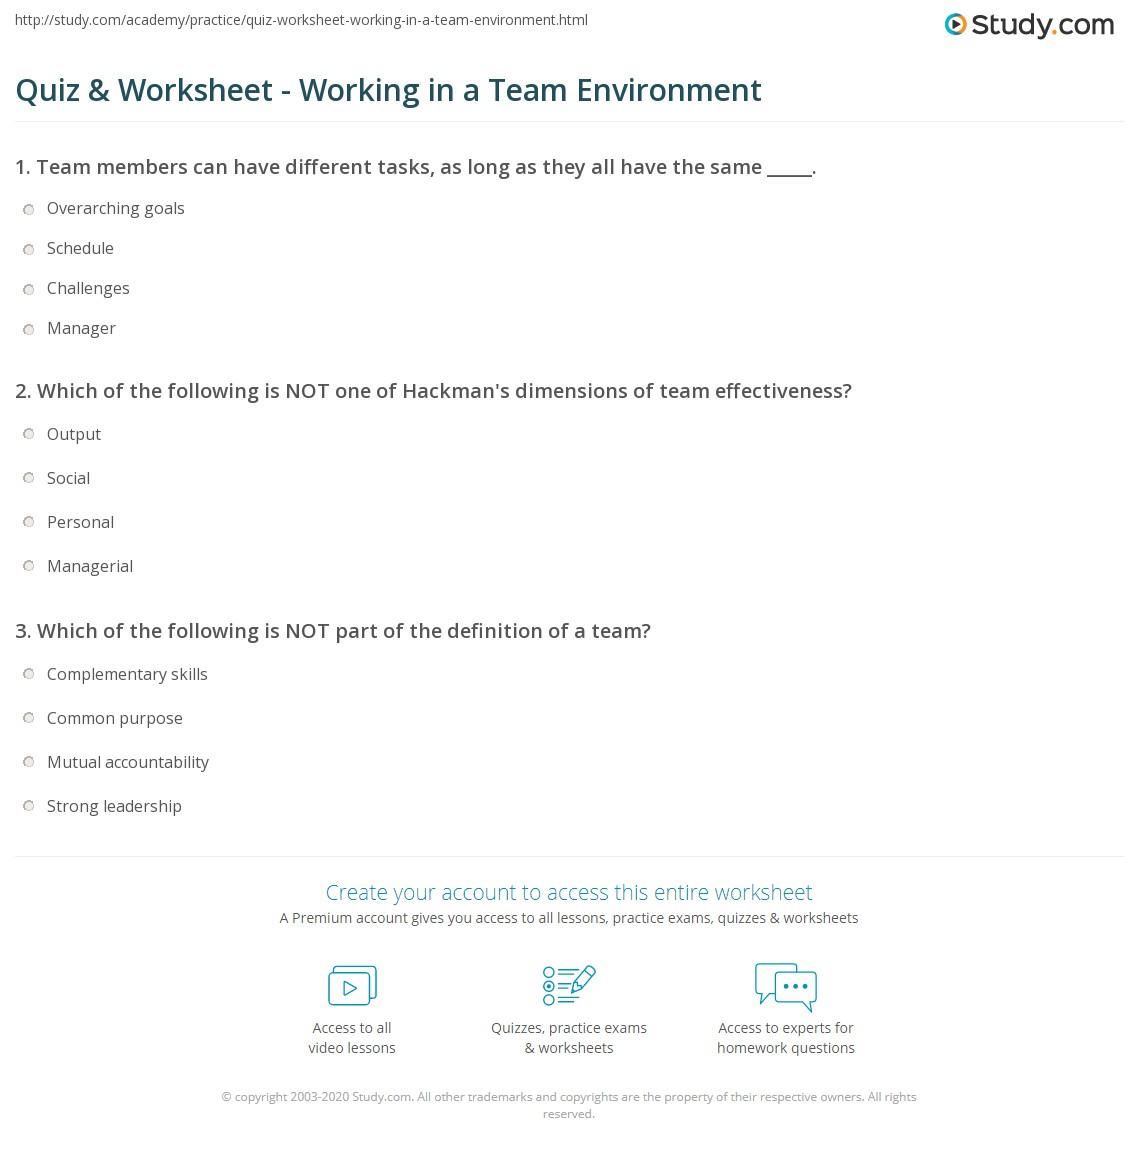 quiz worksheet working in a team environment com print working in a team environment definition skills worksheet